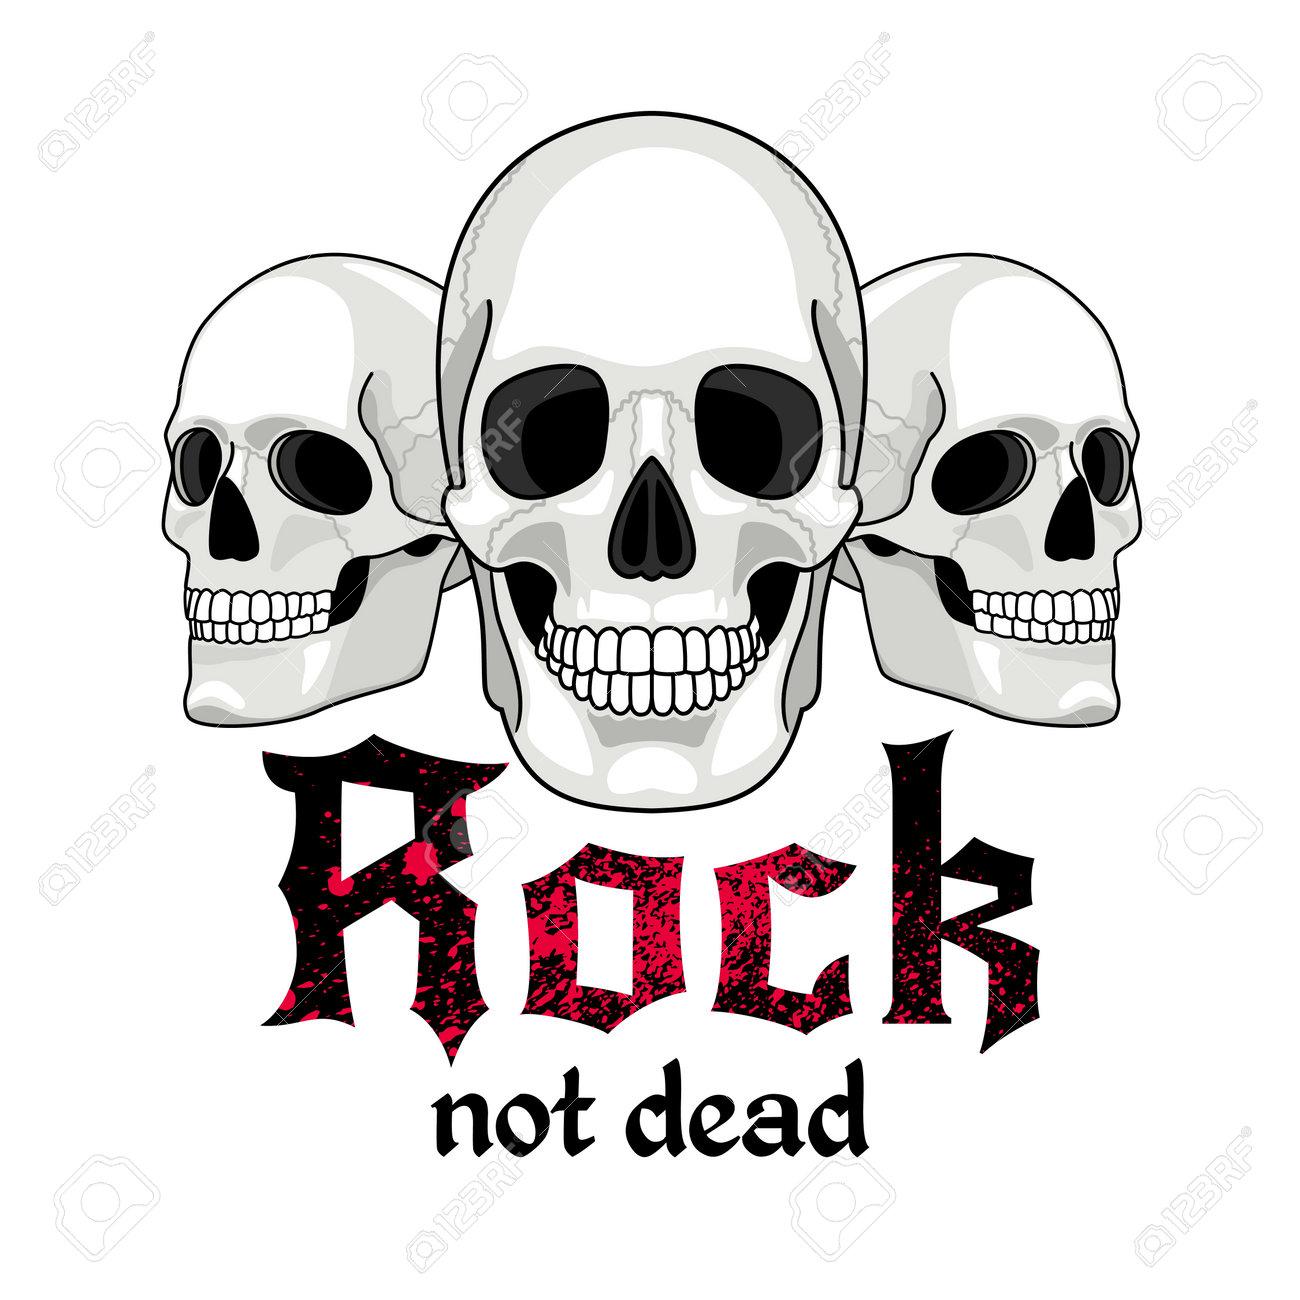 Skulls logo for musical band - 171052839